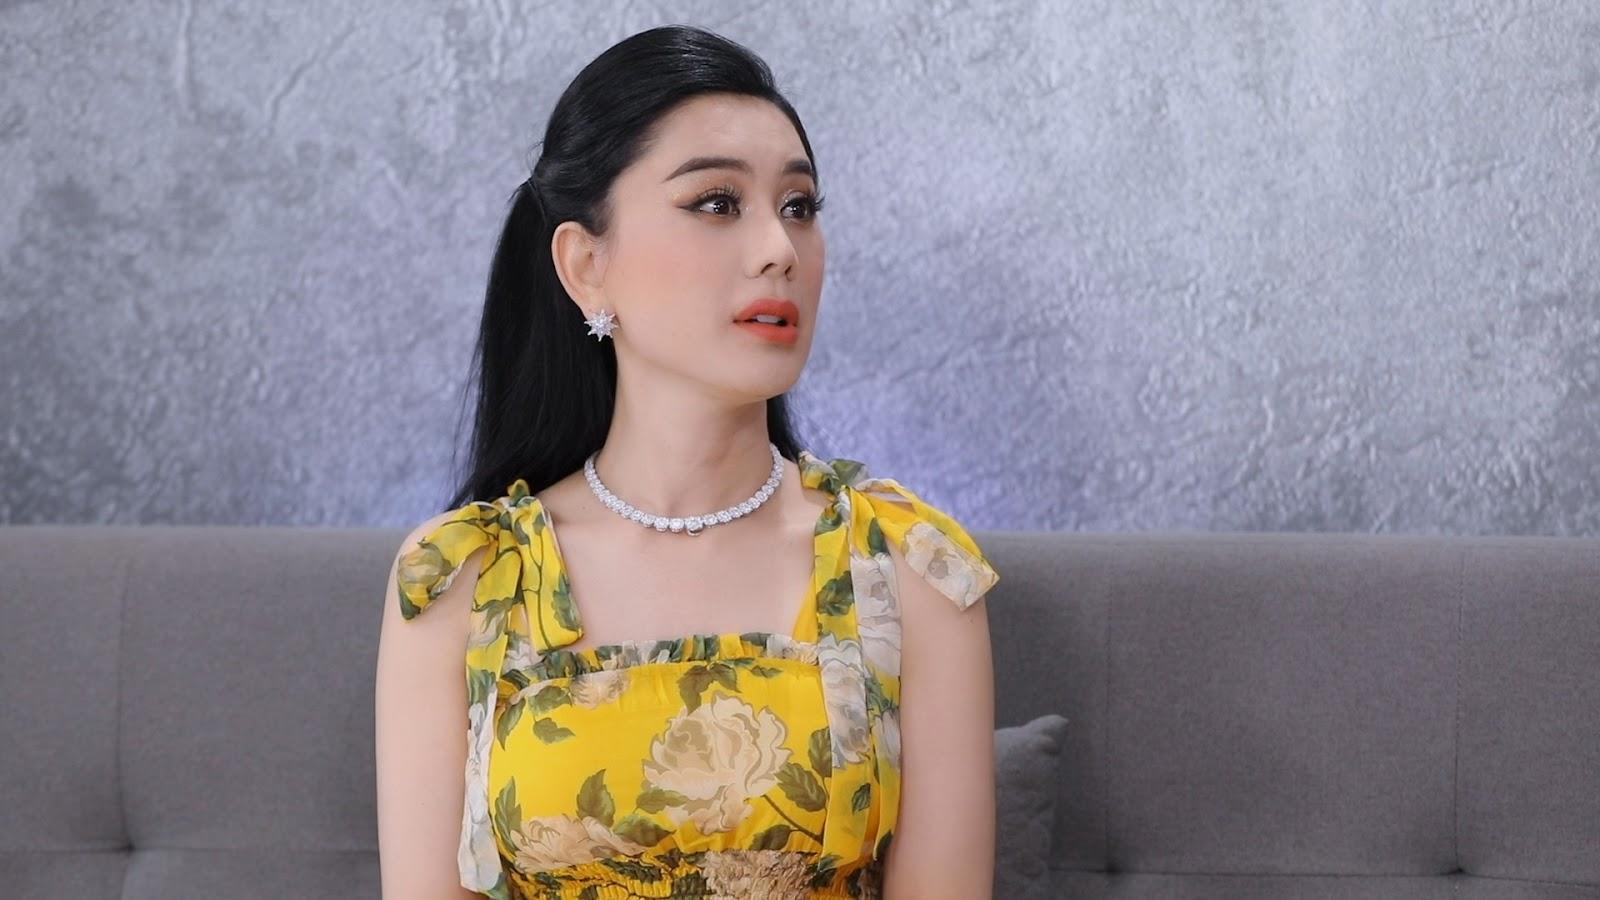 Lâm Khánh Chi từng nợ xã hội đen hơn 1 tỷ, khẳng định chồng trẻ yêu mình không vì tiền - Hình 1